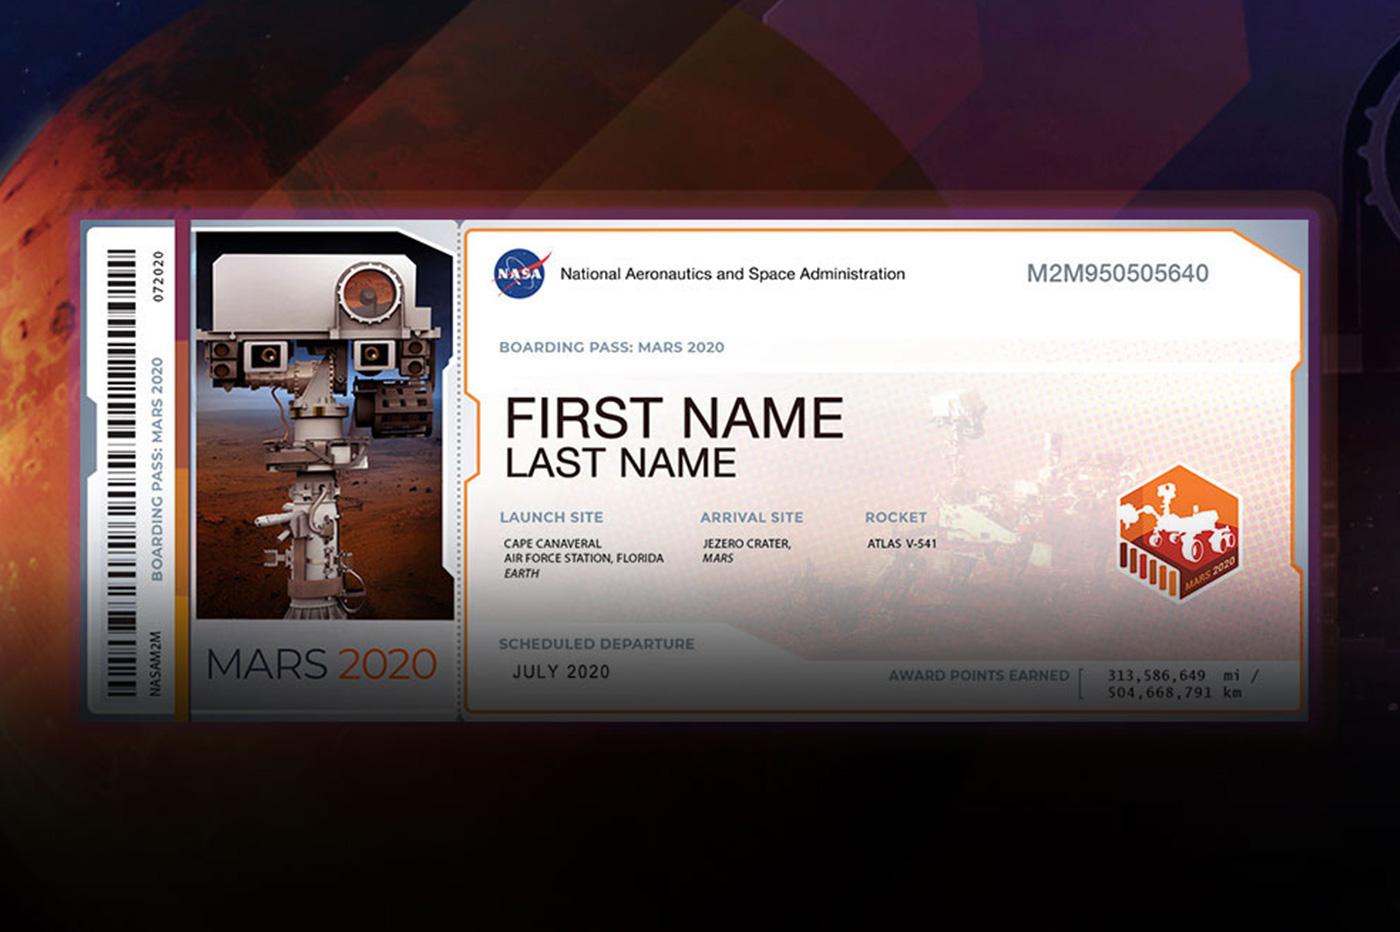 Vous pouvez envoyer votre nom sur Mars avec le prochain rover de la NASA